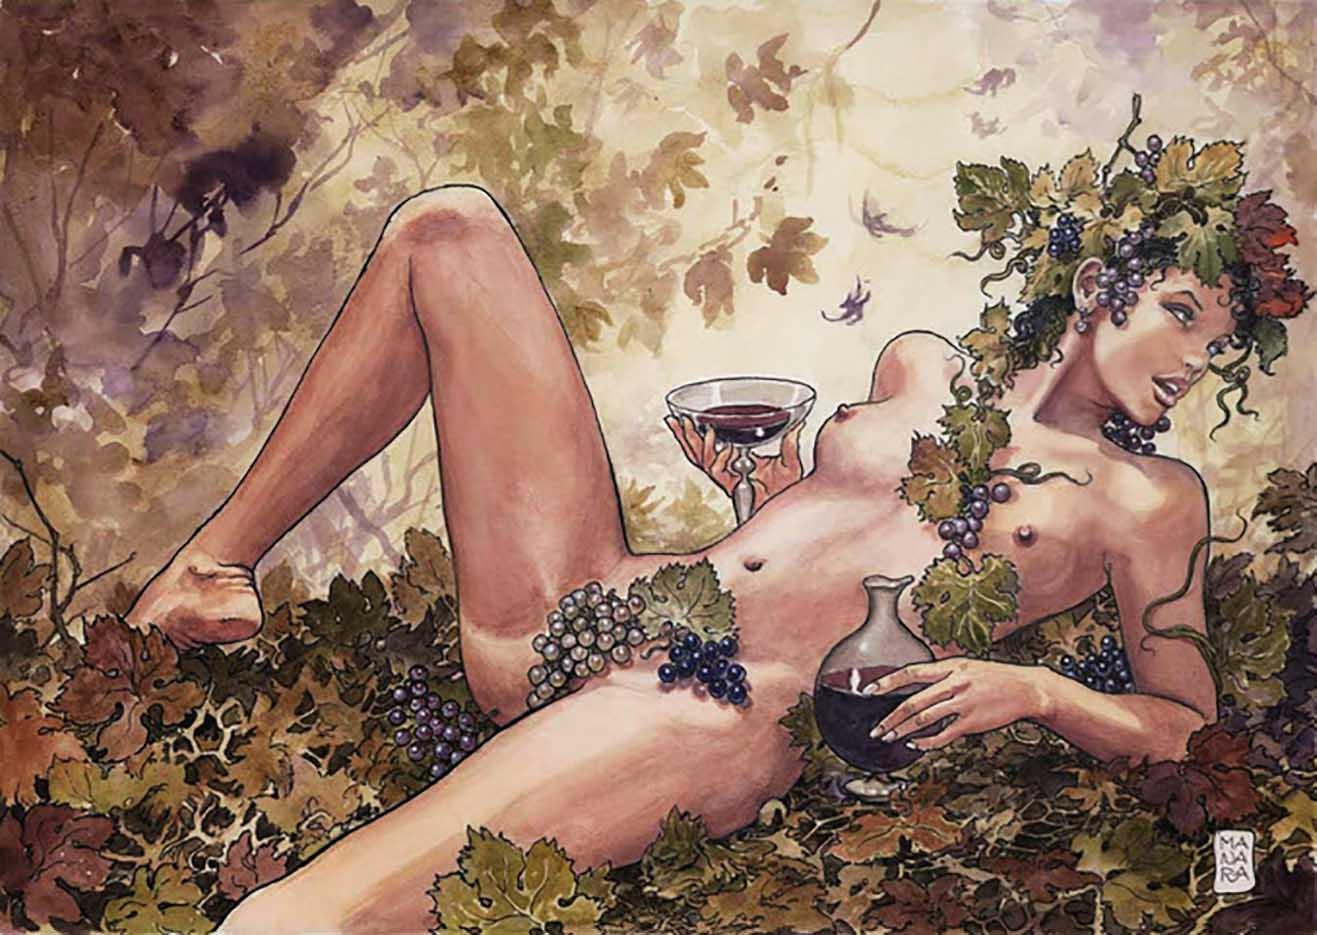 Мило Манара (Milo Manara), Erotic Illustration - 30